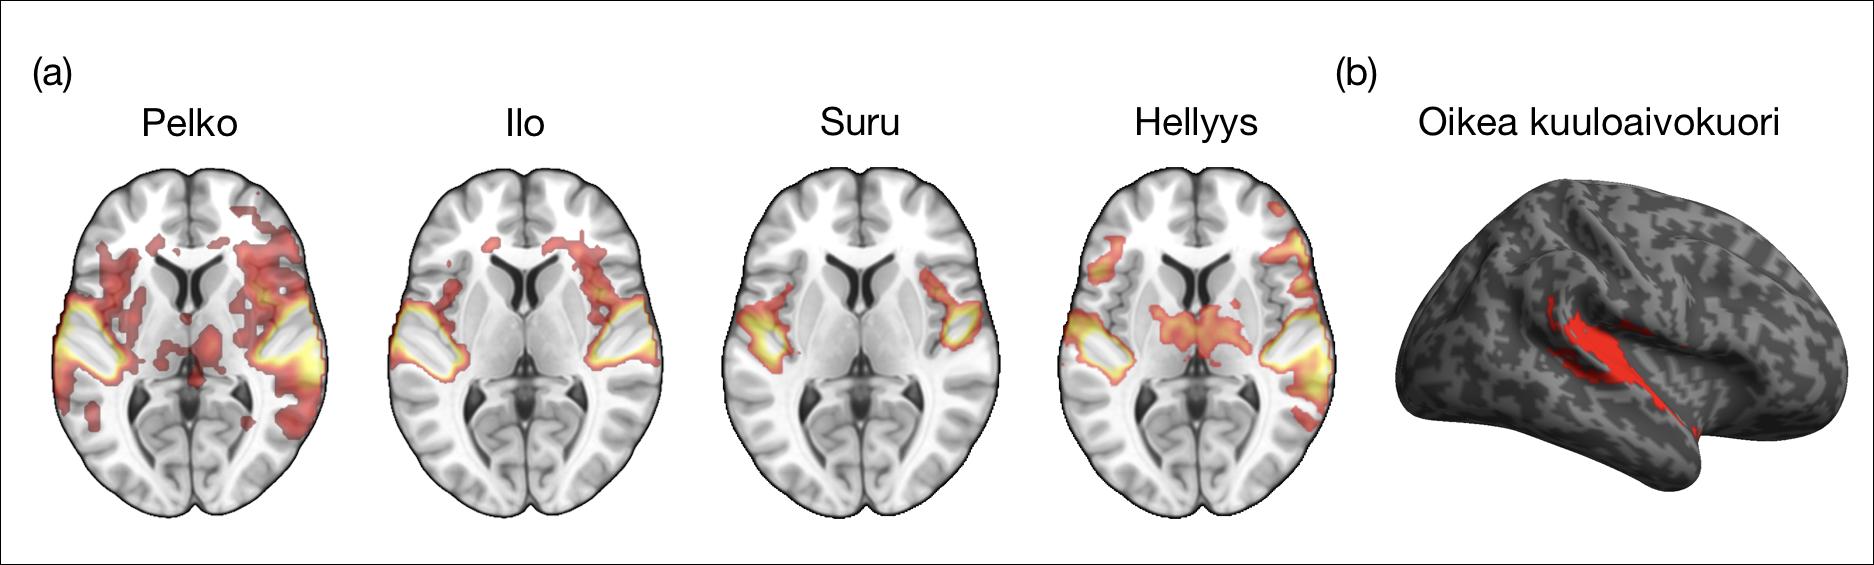 Musiikin Vaikutus Aivoihin